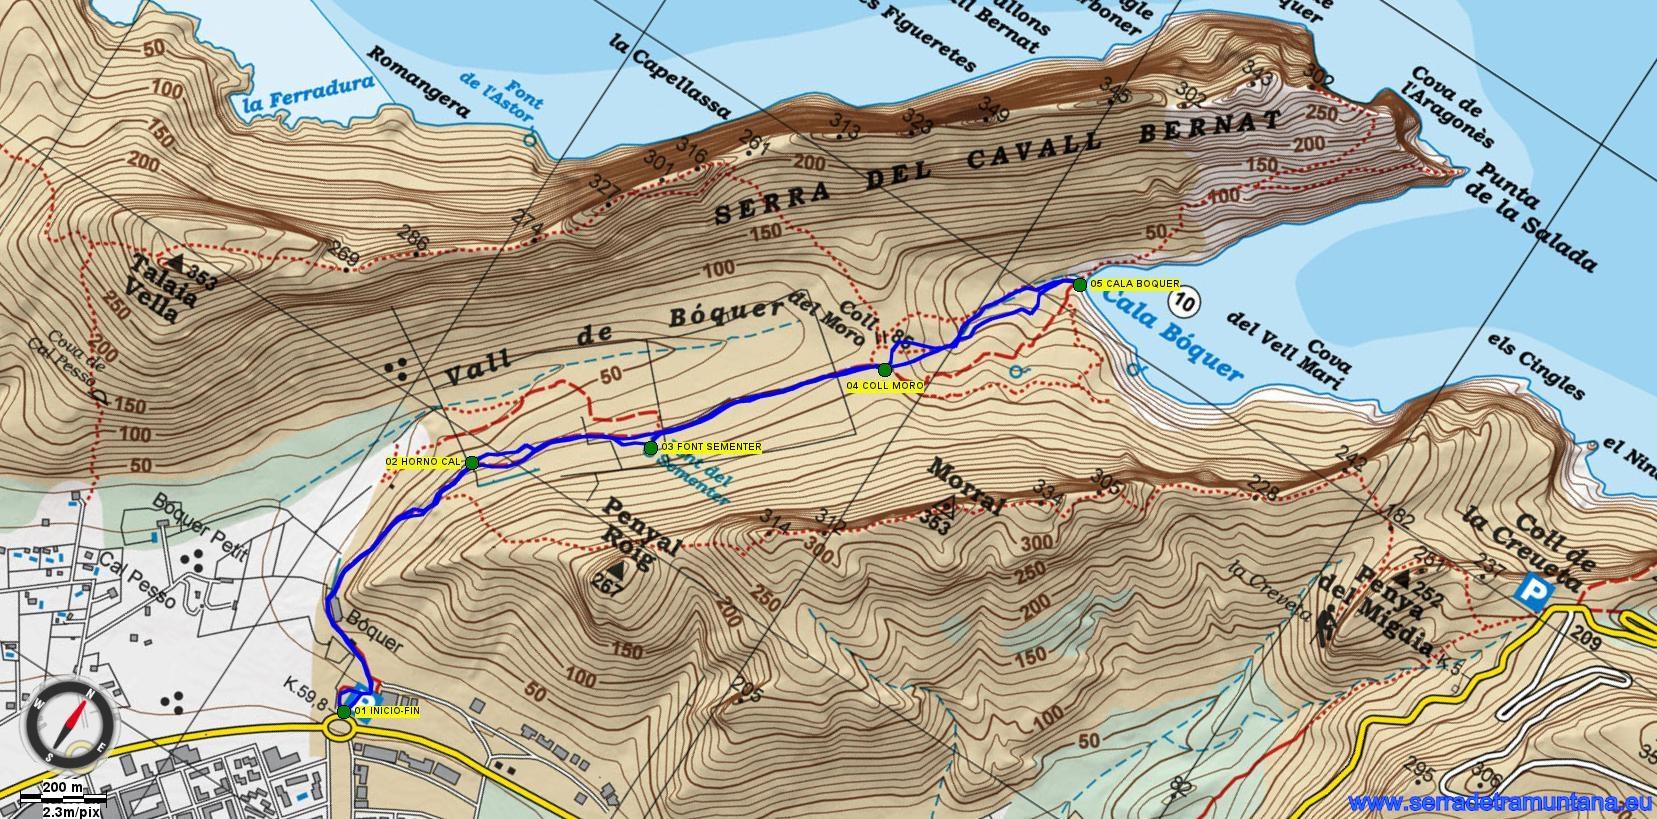 Recorte del mapa Alpina con el trazado de la ruta y los puntos de referencia más importantes